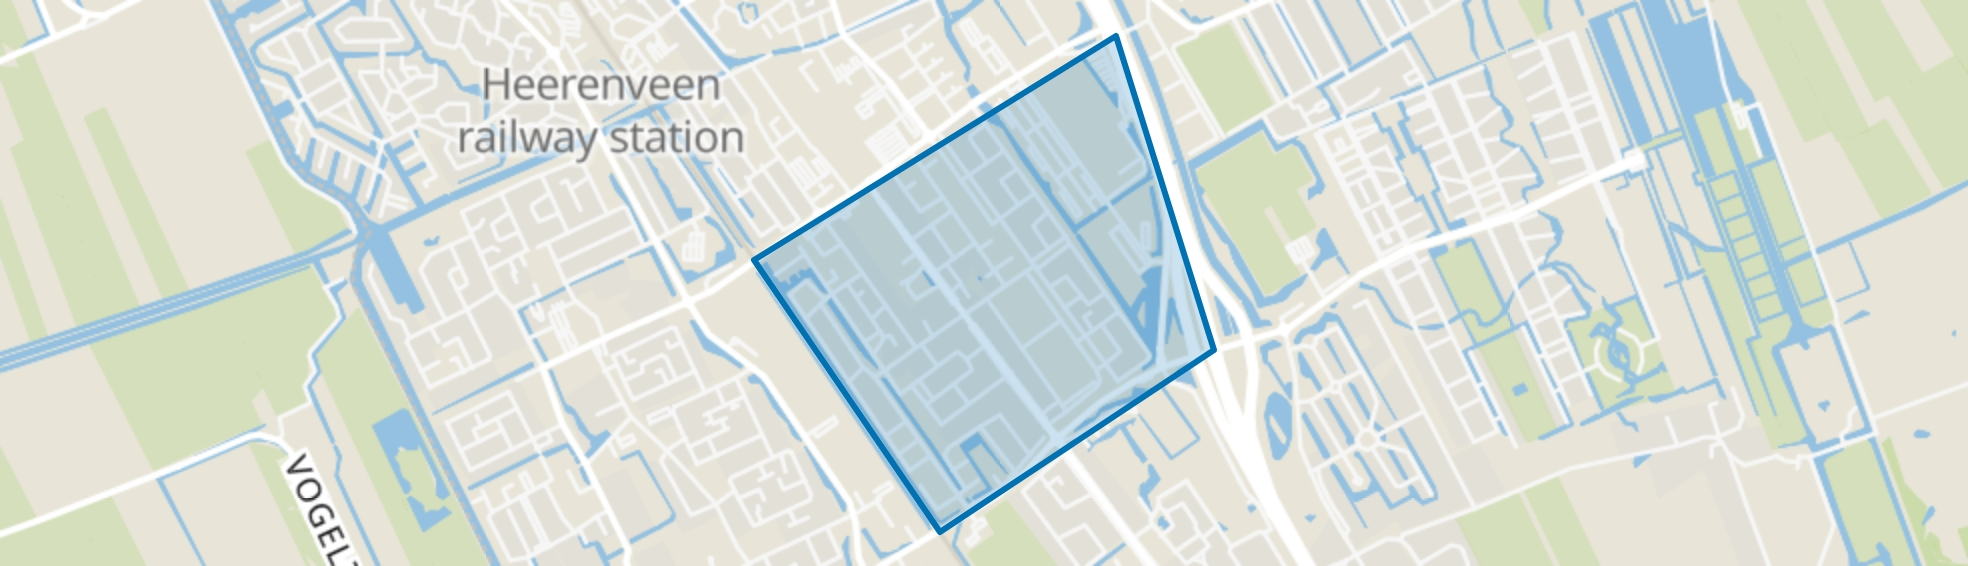 Midden, Heerenveen map